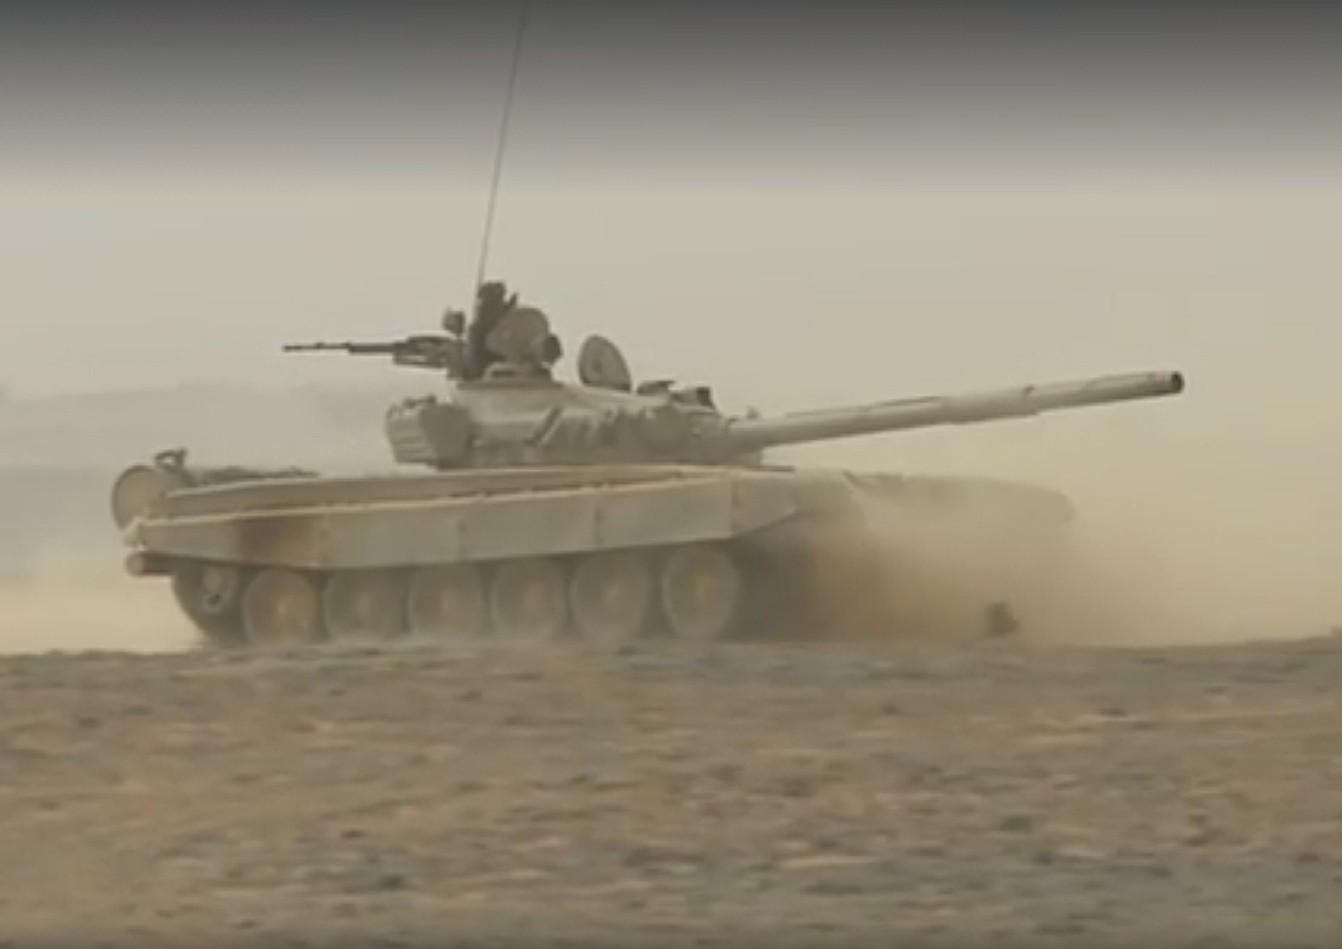 صور دبابات قتال رئيسية الجزائرية T-72M/M1/B/BK/AG/S ] Main Battle Tank Algerian ]   - صفحة 2 27844773276_82c0d9f77d_o